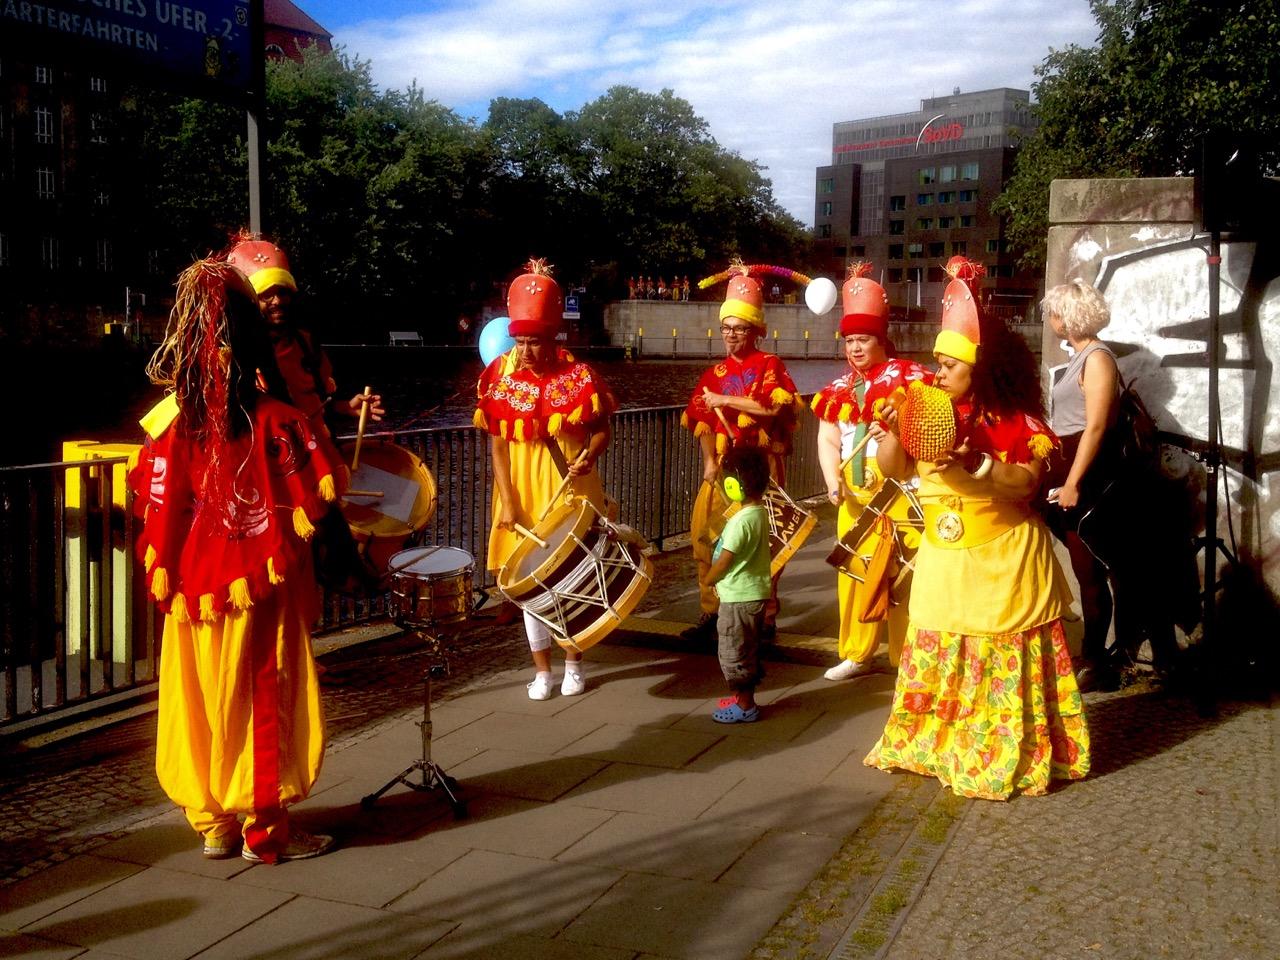 Trommler-Gruppen beim Museumsfest im Juli 2016, um die Kommunikation zwischen Diesseits und Jenseits zu zelebrieren (Foto: André Franke)